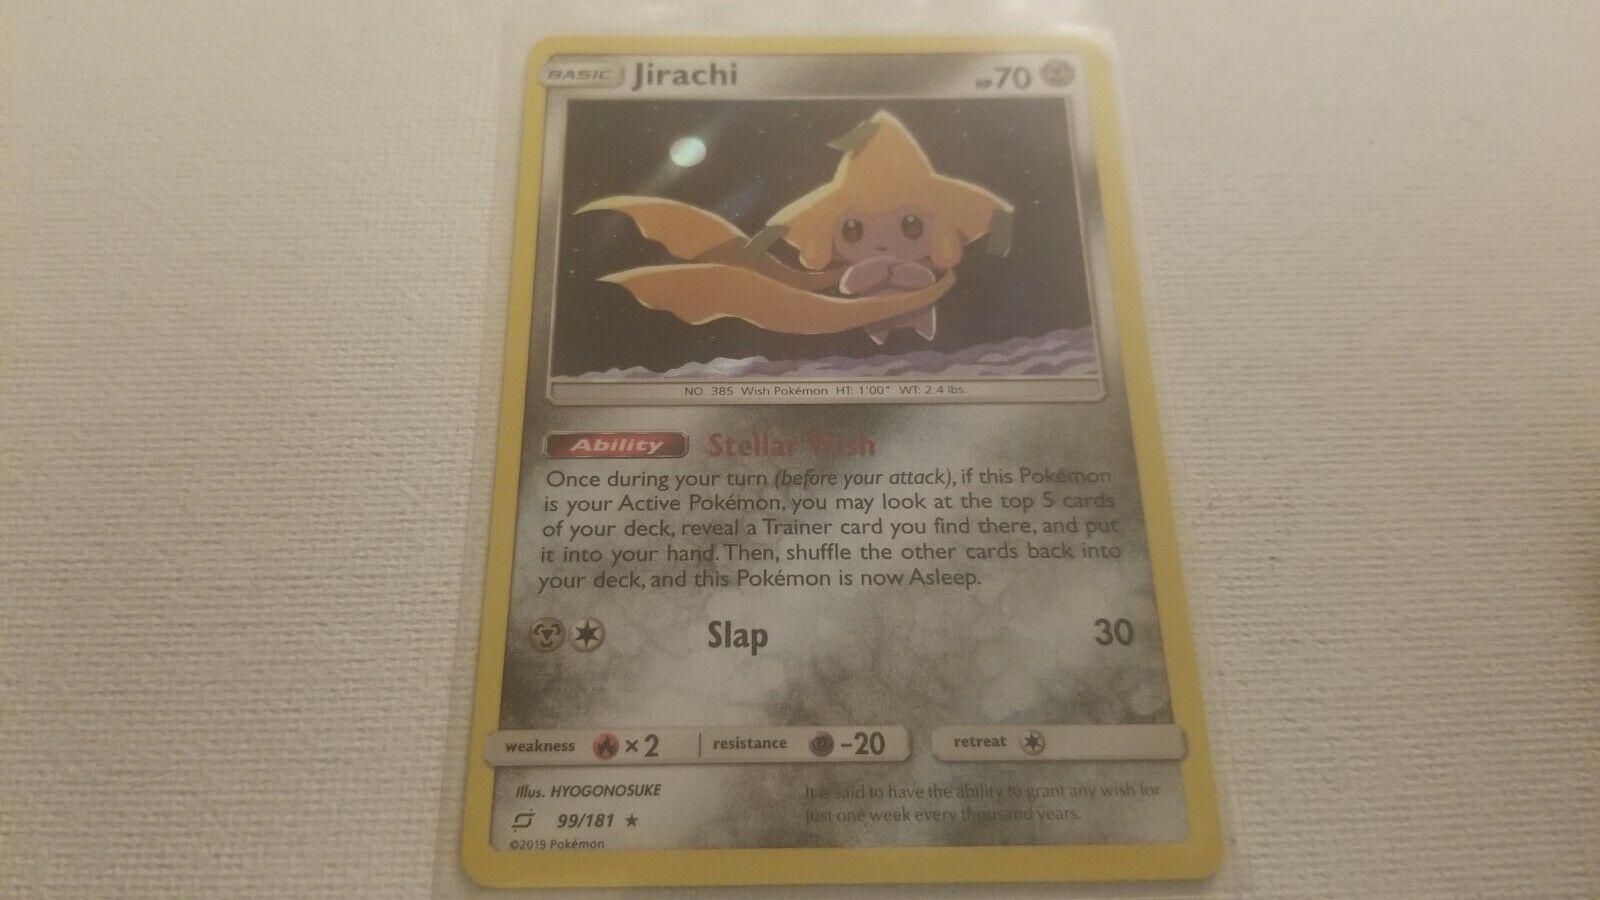   Pokemon Jirachi 99/181 - Stellar Wish Holo Rare - Sun & Moon Team Up